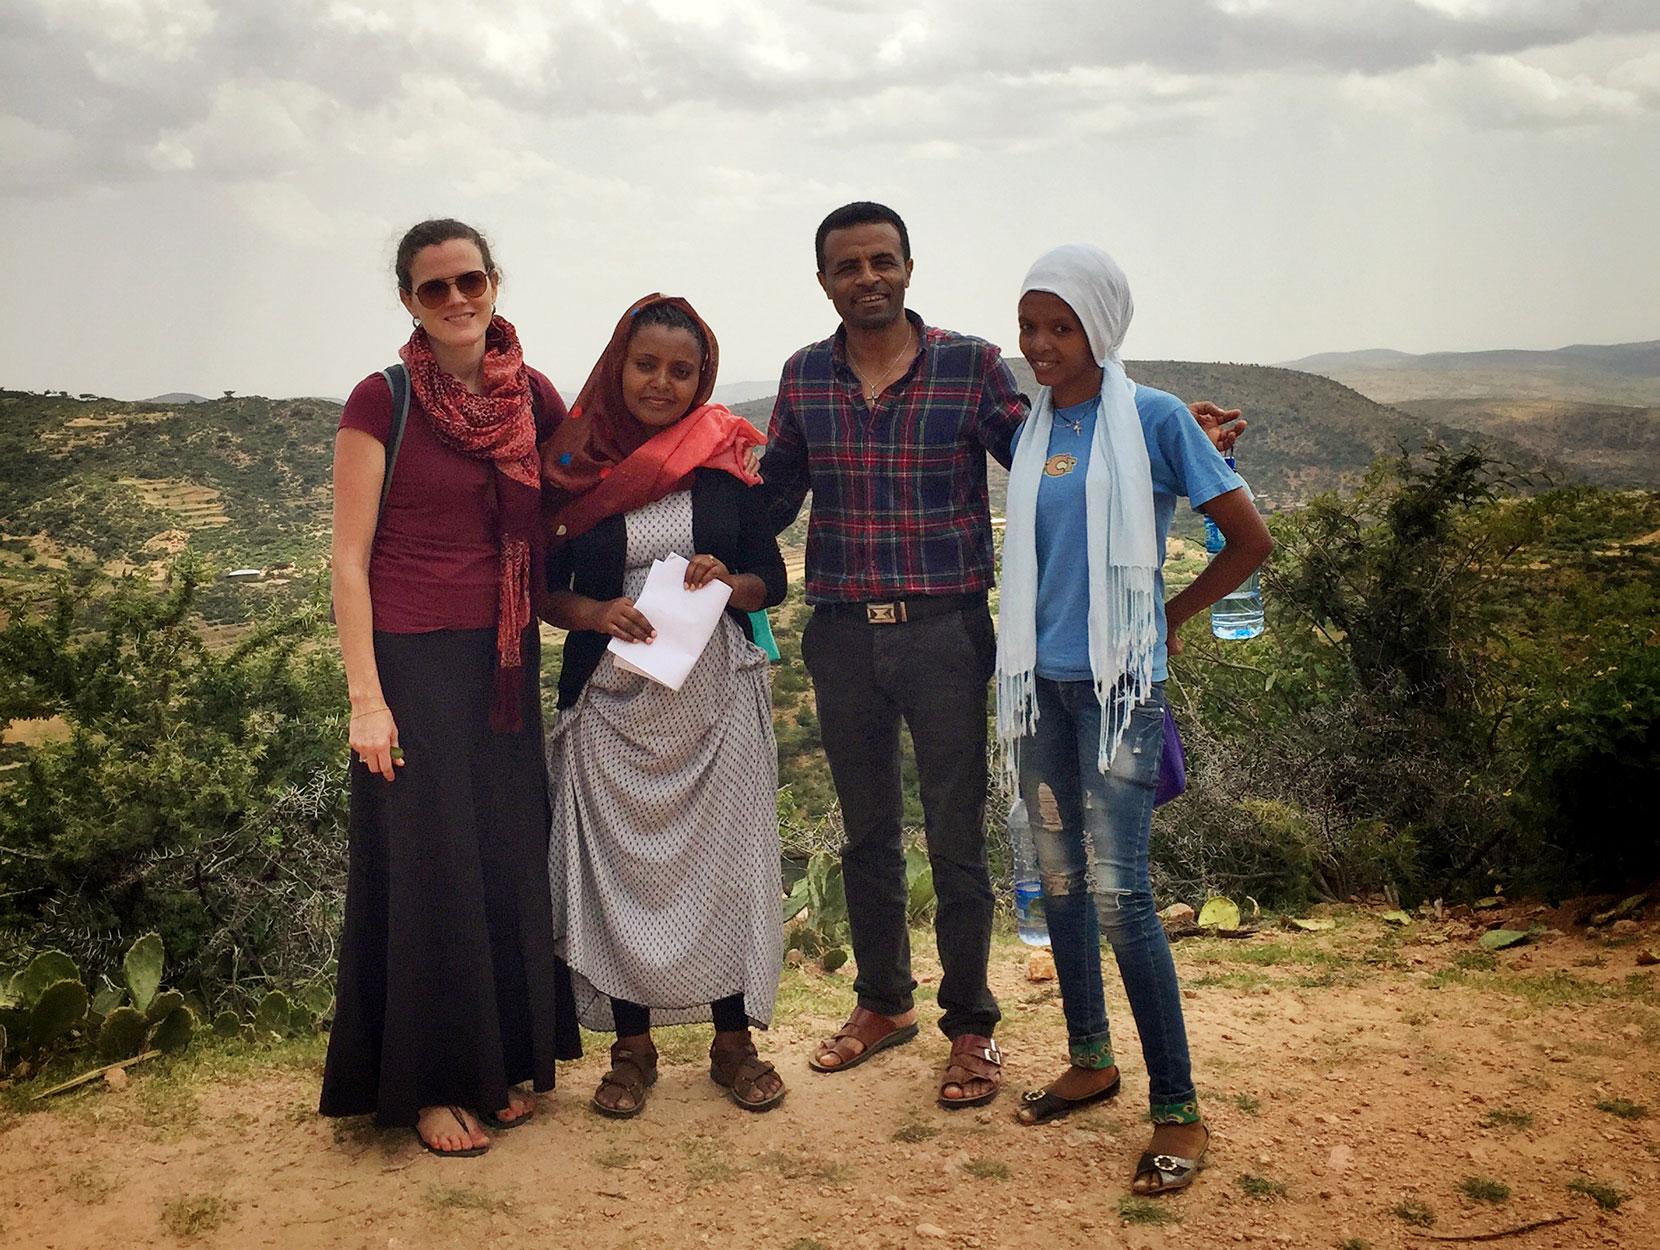 Sarah Hurlburt and the data collection team in Ethiopia